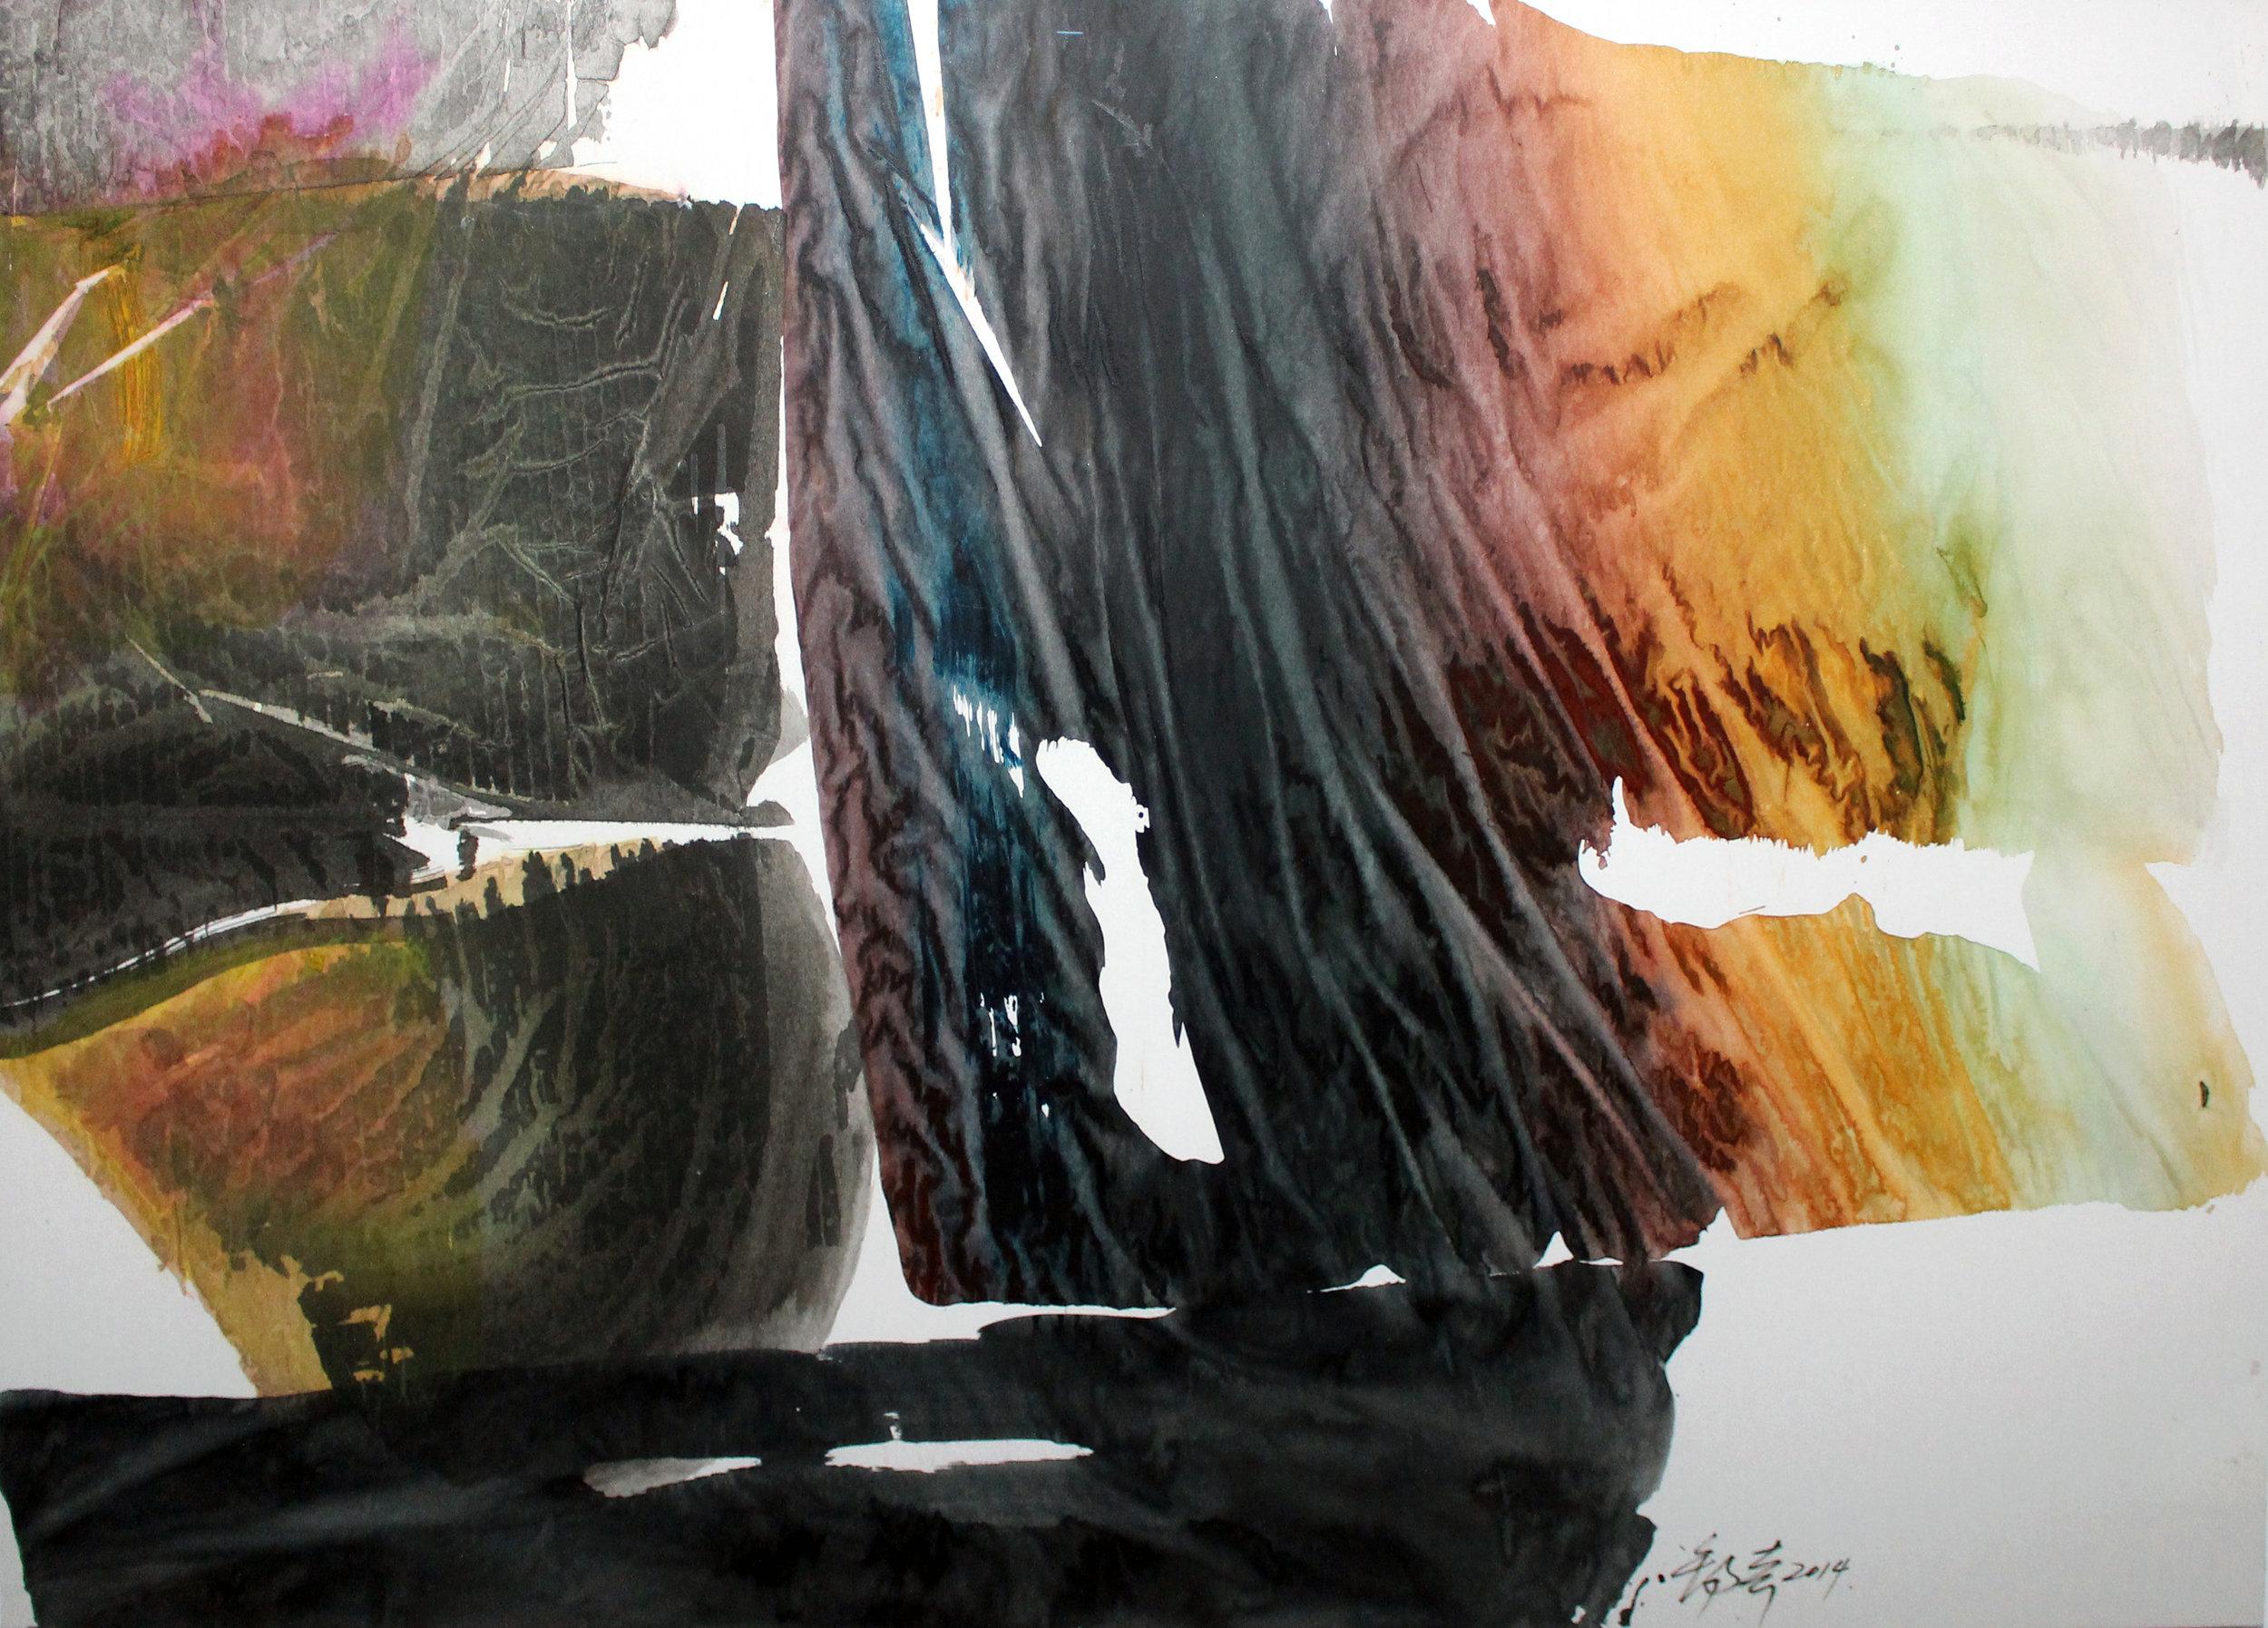 墨語 2014 Inktalk 2014 水墨設色紙本 Ink Colour on Paper 79cm(H) x 110cm(W) 2014.jpg